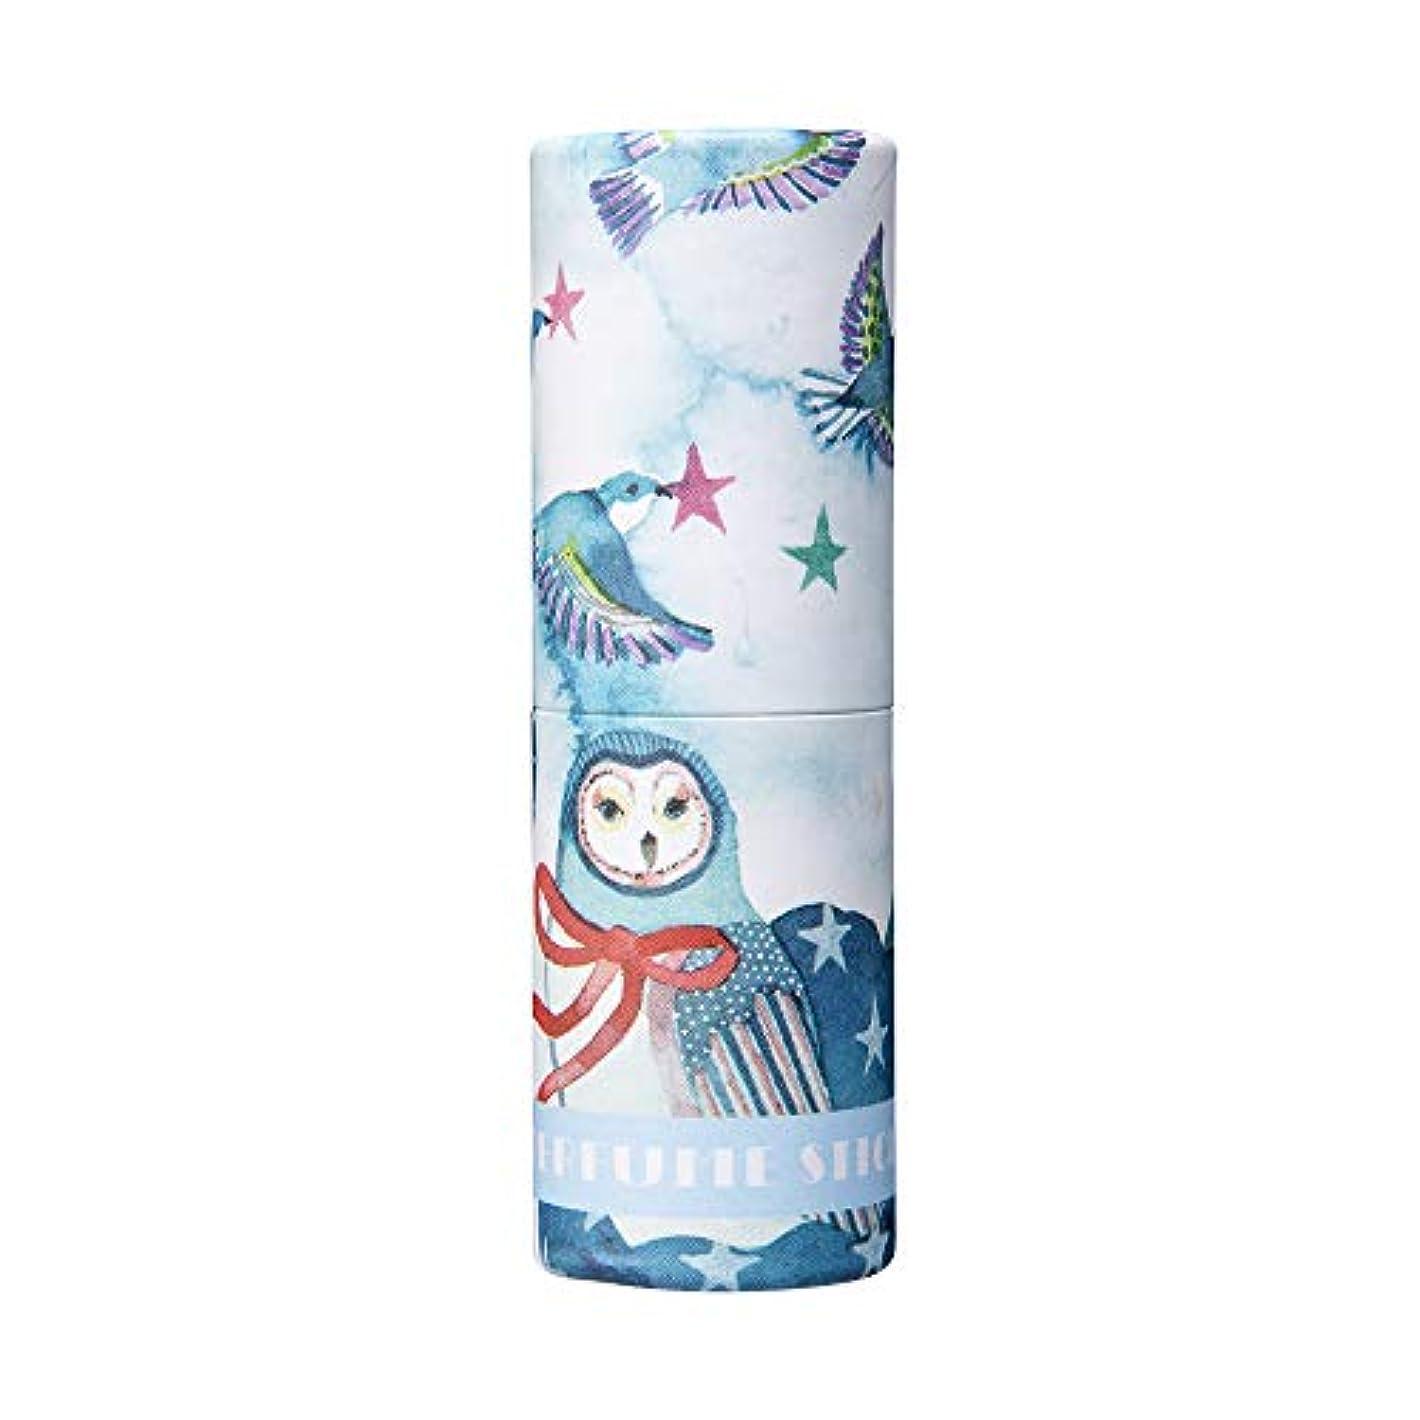 虹道路ブームパフュームスティック ウィッシュ ホワイトフラワー&シャボンの香り CatoFriendデザイン 5g